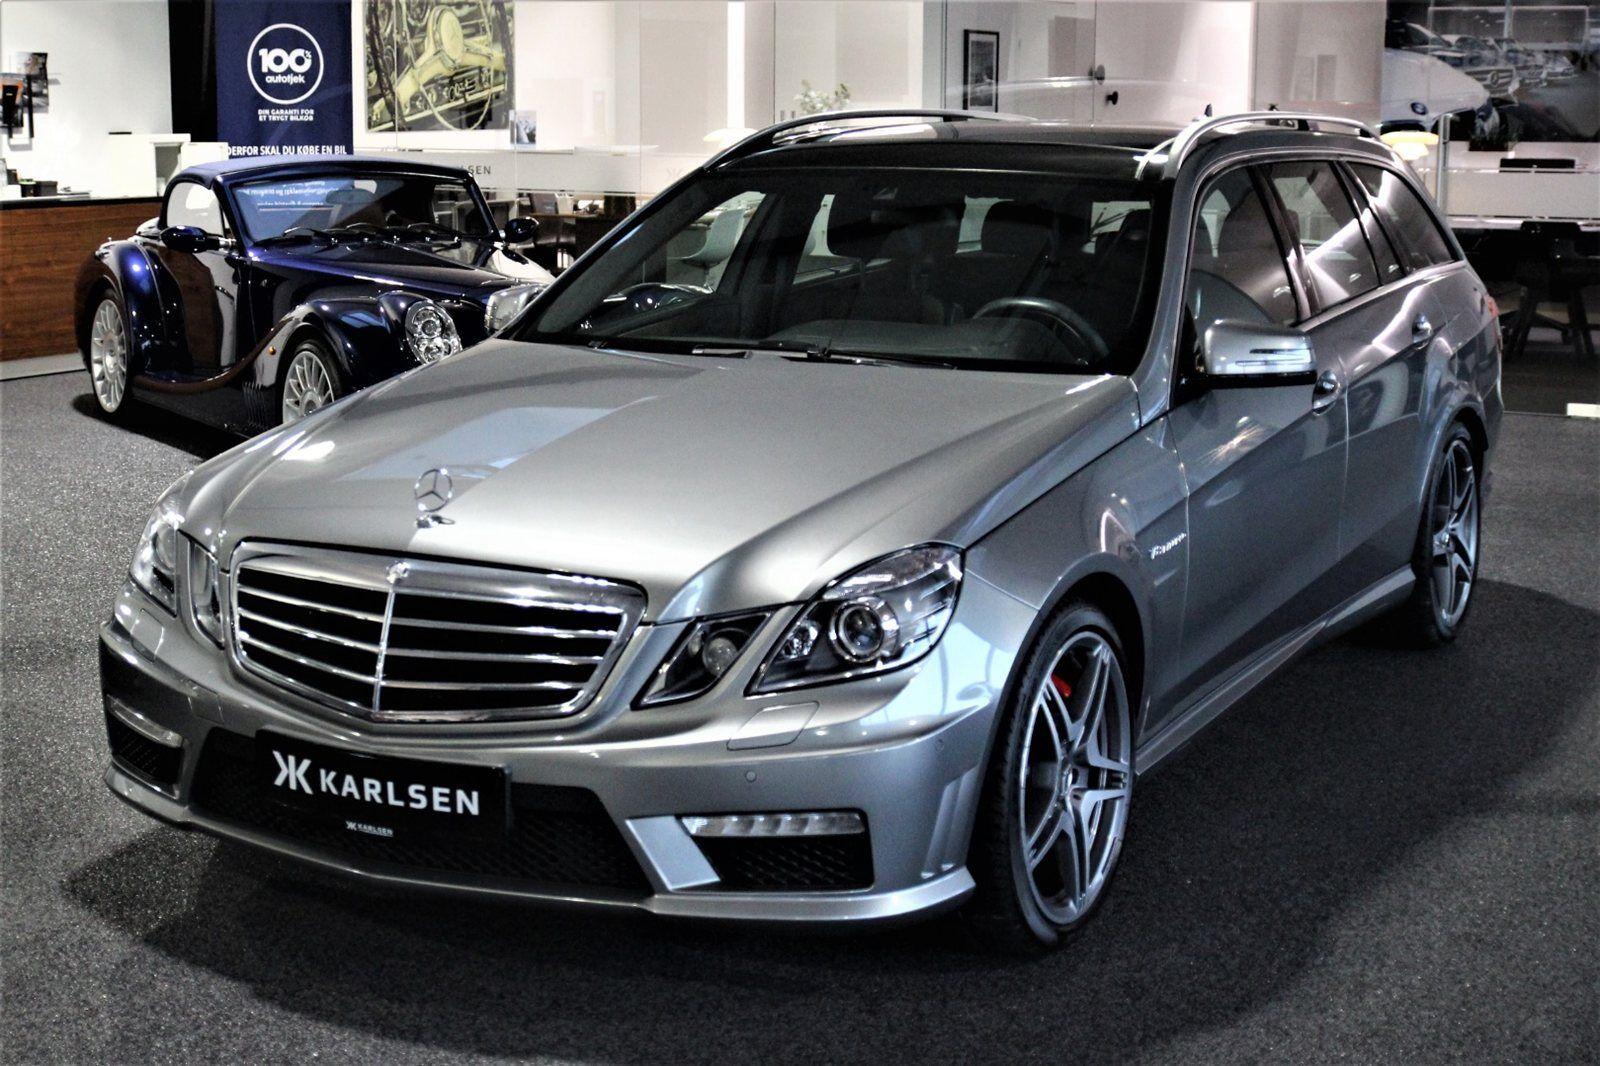 Mercedes E63 5,5 AMG stc. aut. 5d